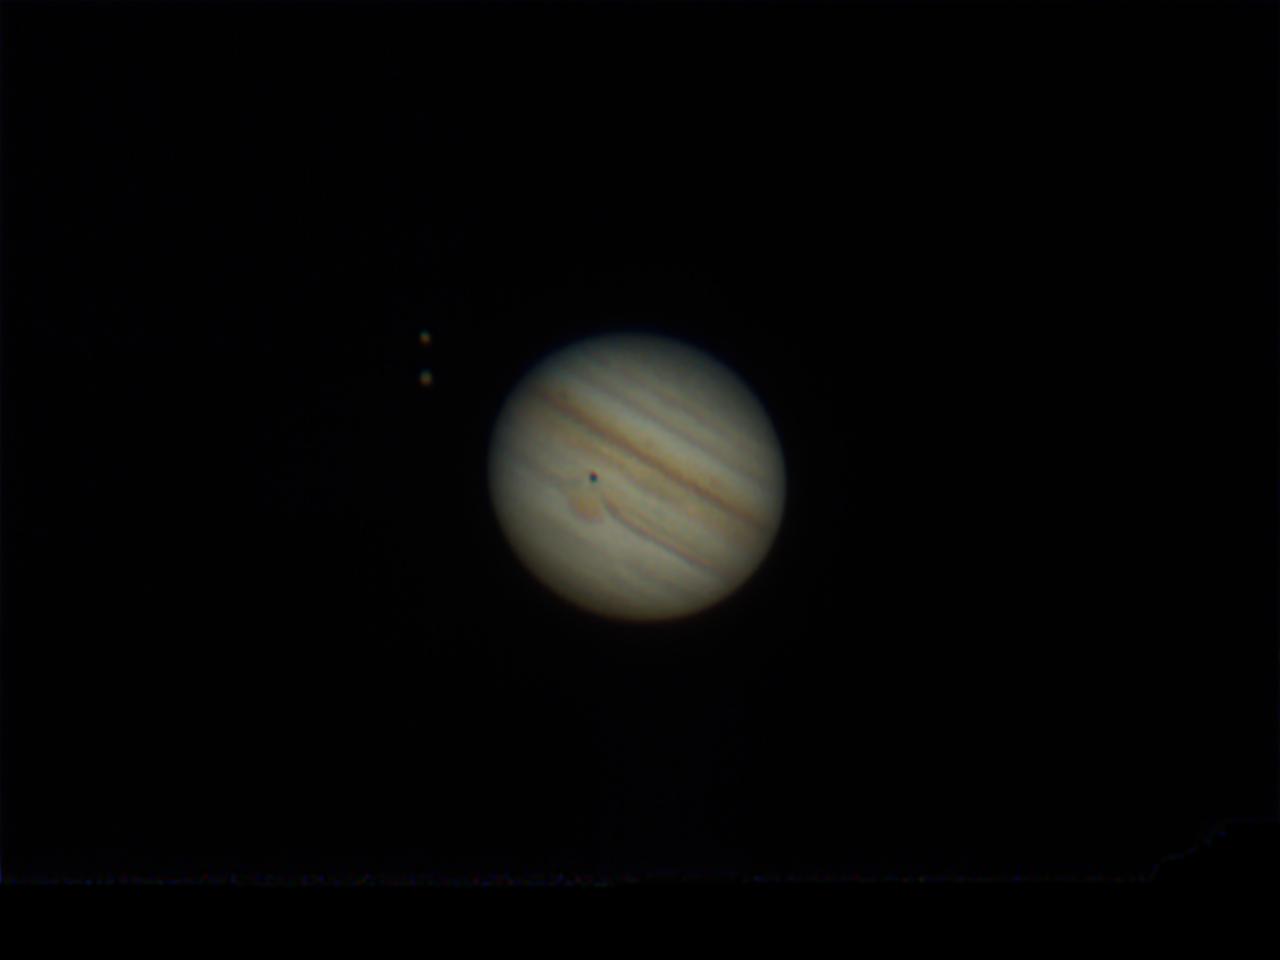 Sonnenfinsternis auf Jupiter am 06.09.2021